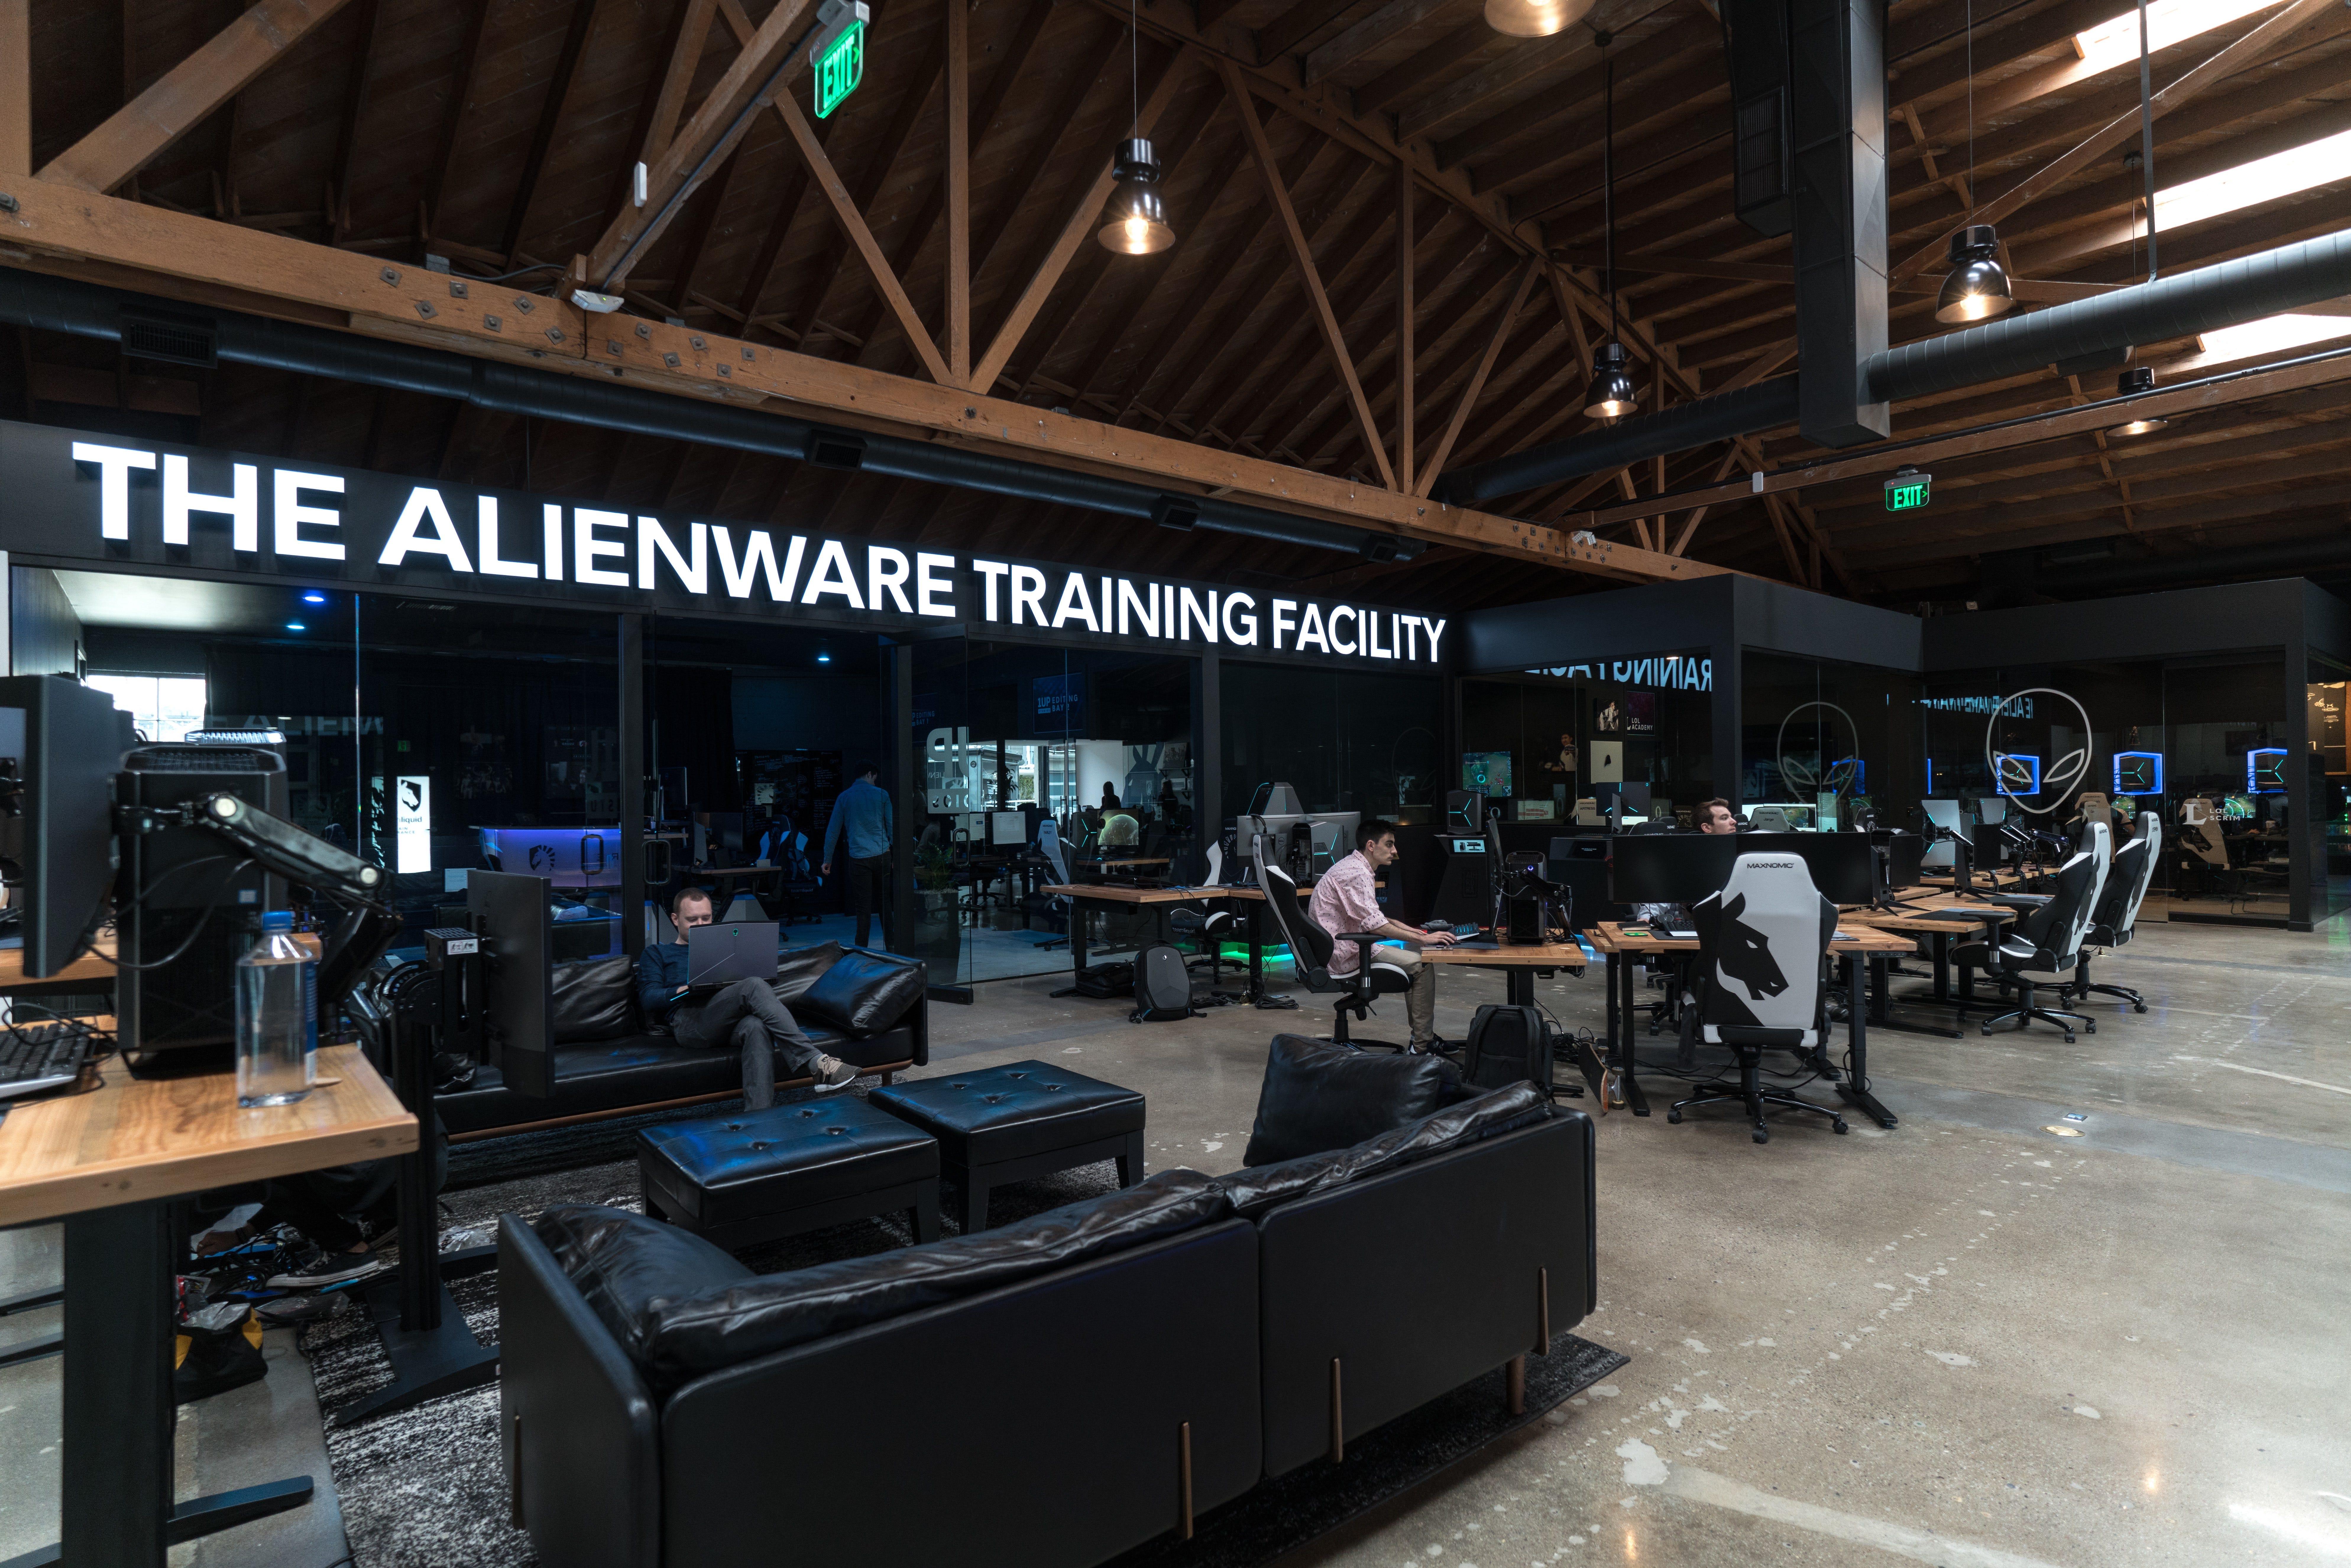 Team Liquid's Alienware Training Facility in California.